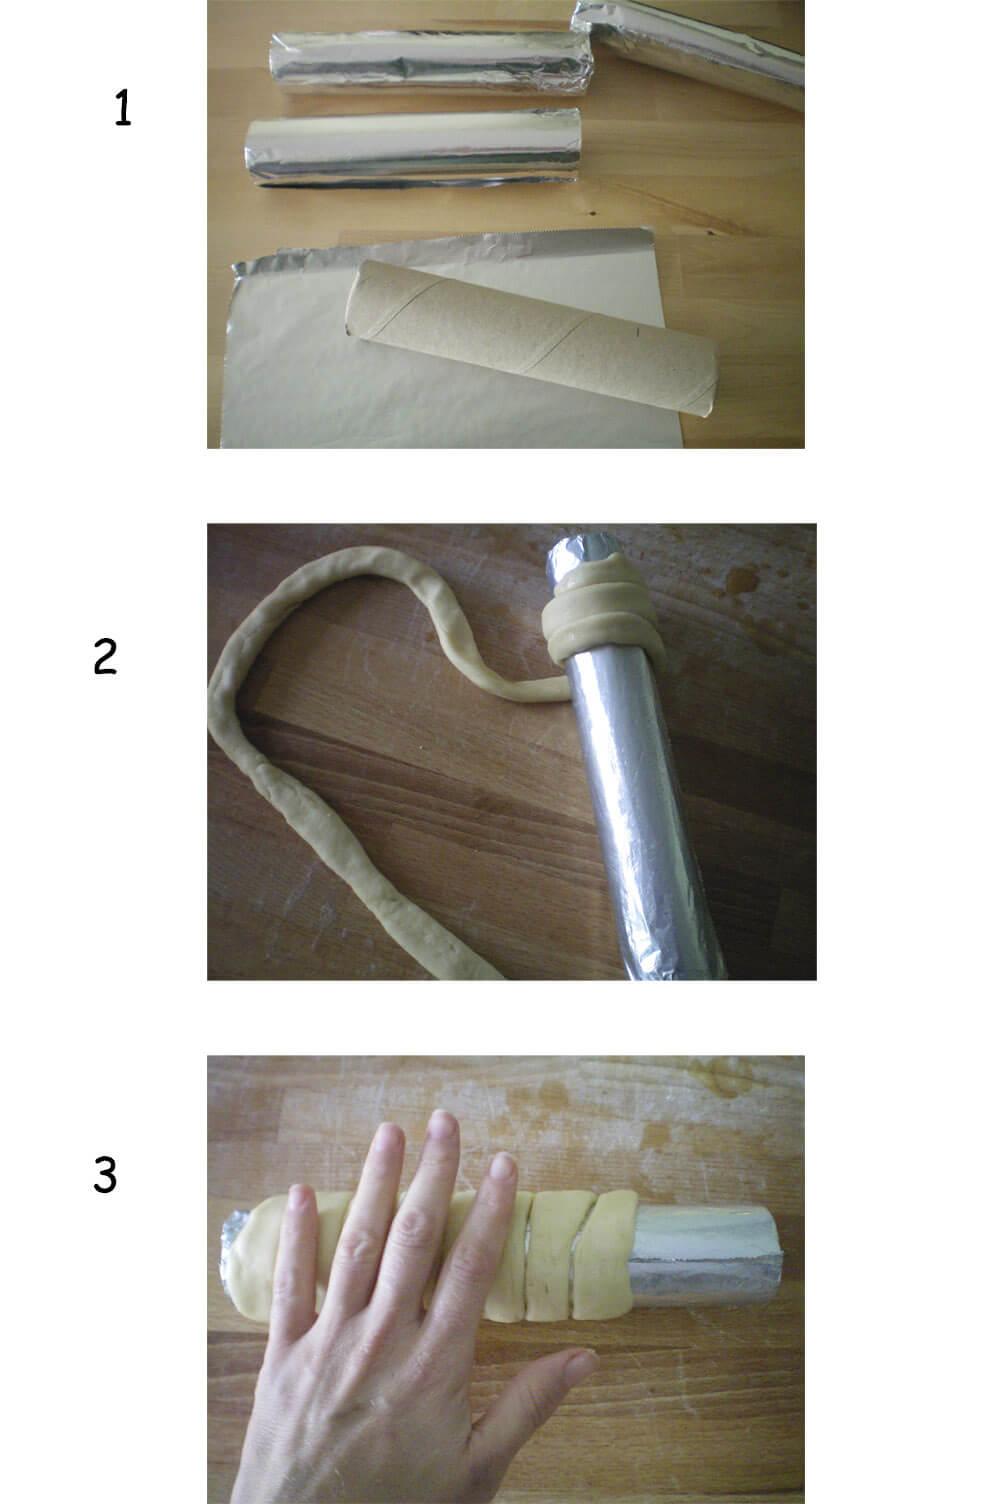 como hacer kürtöskalacs en casa